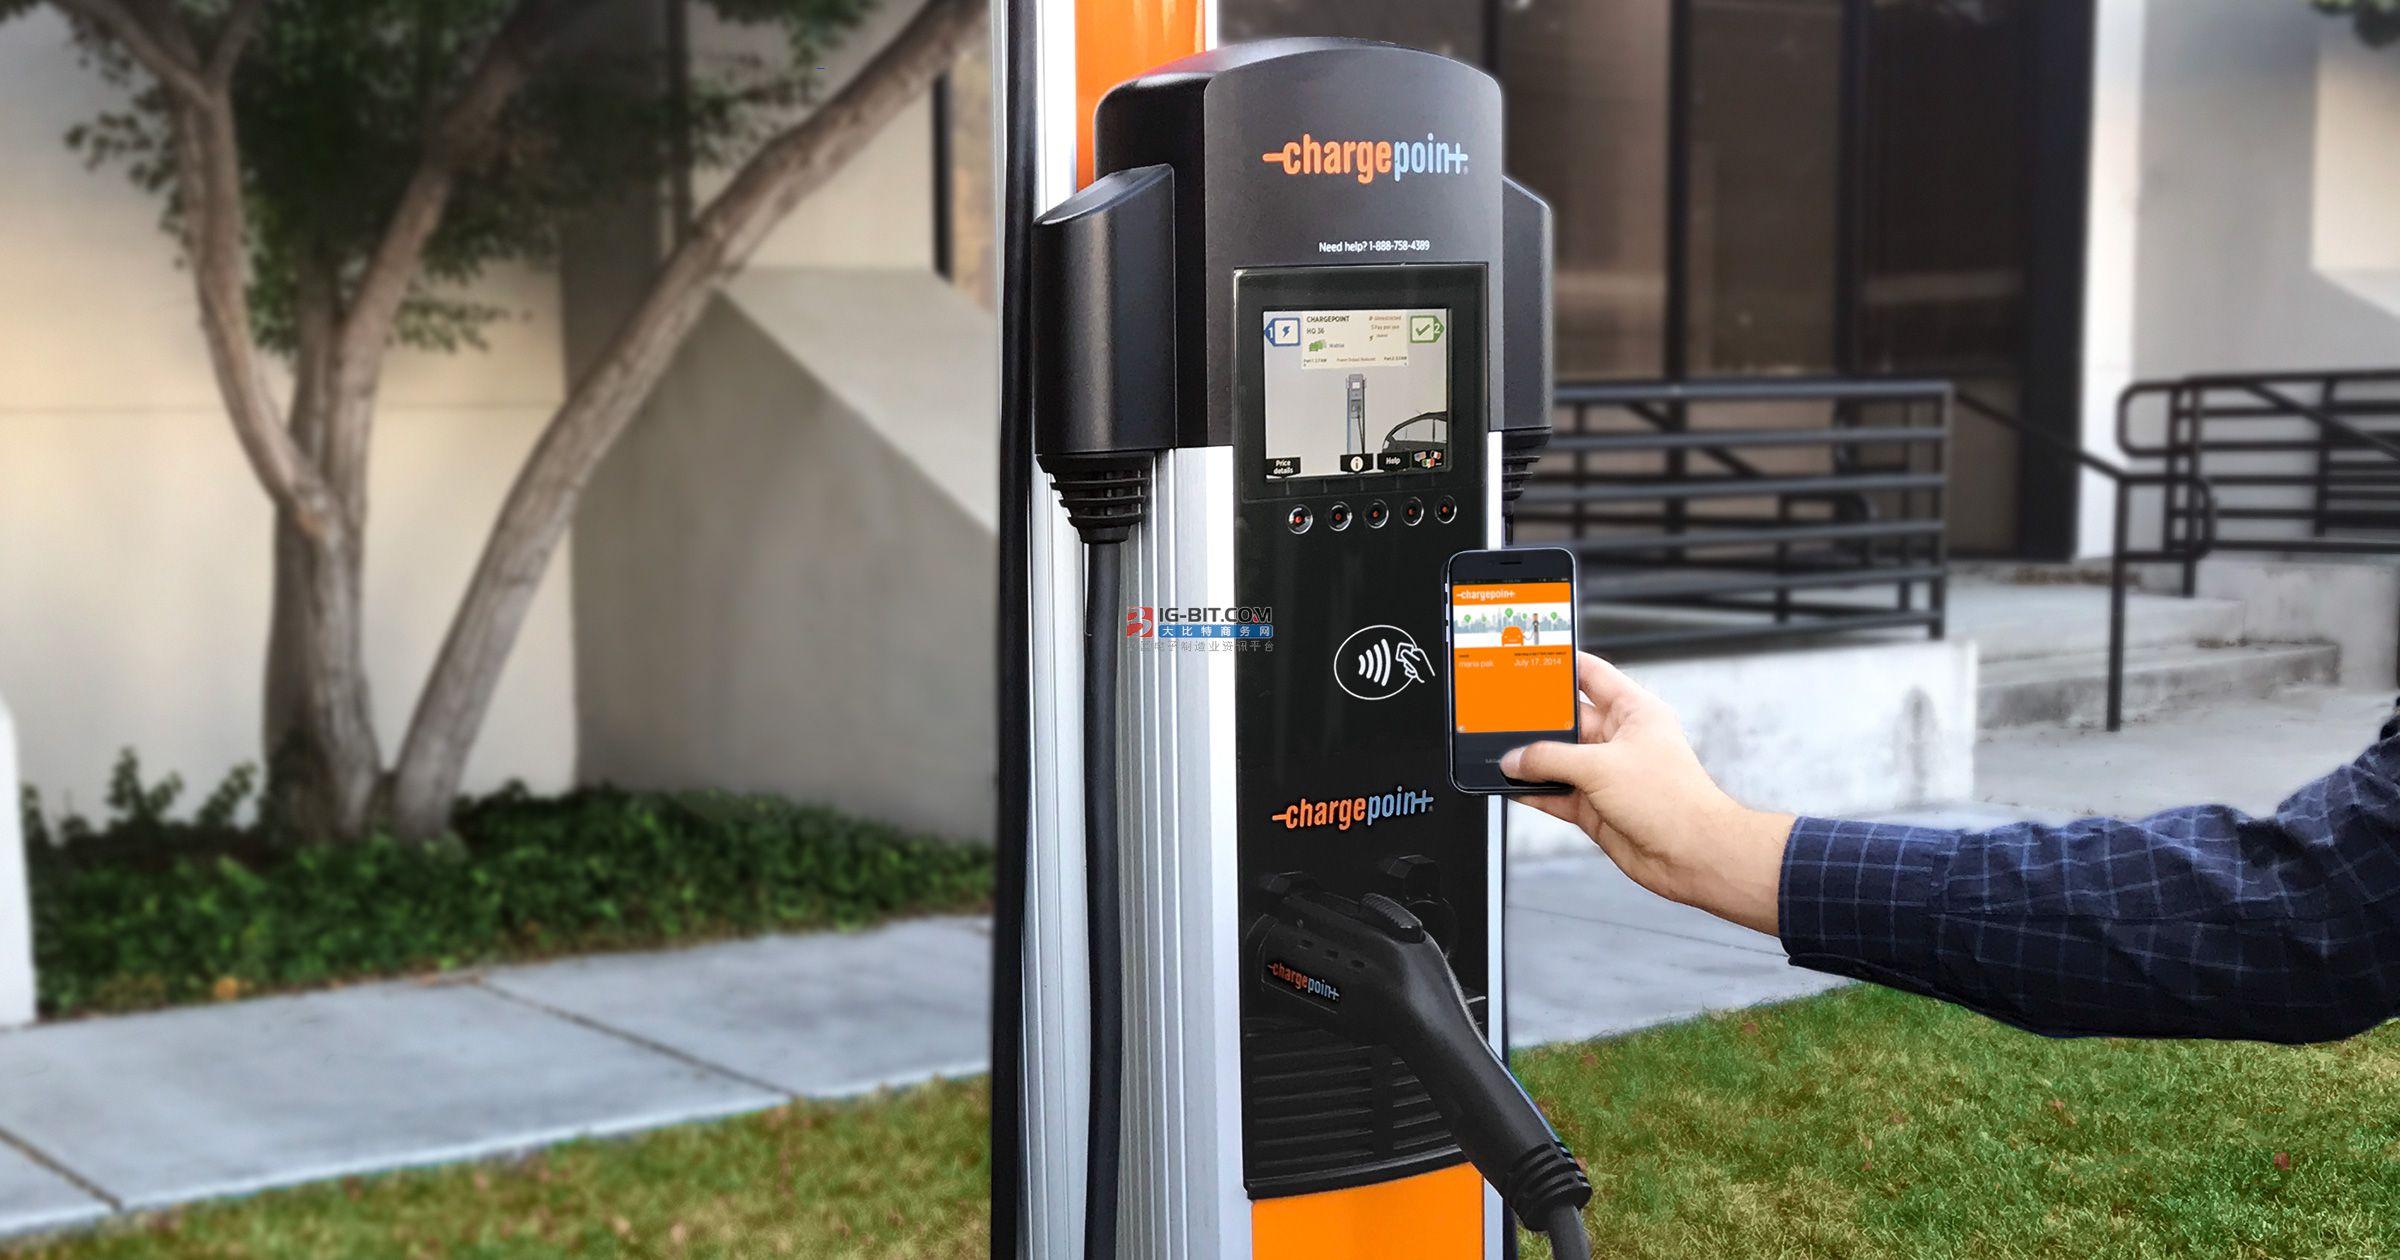 華為、阿里相繼入場,充電樁市場格局將會怎樣變化?